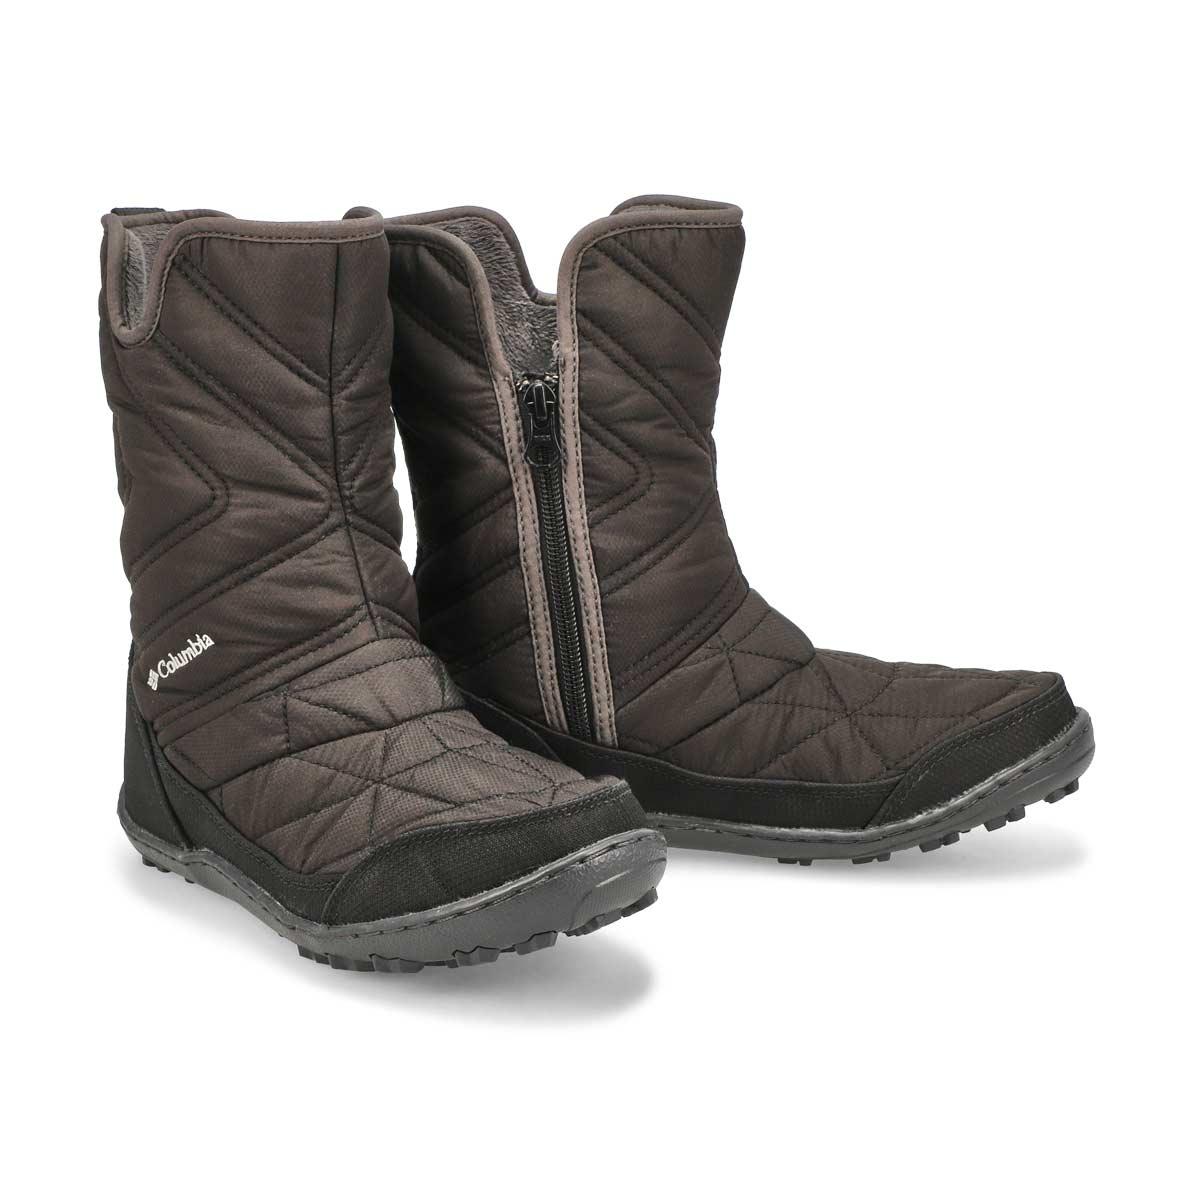 Grls Minx Slip III black wtpf wntr boot